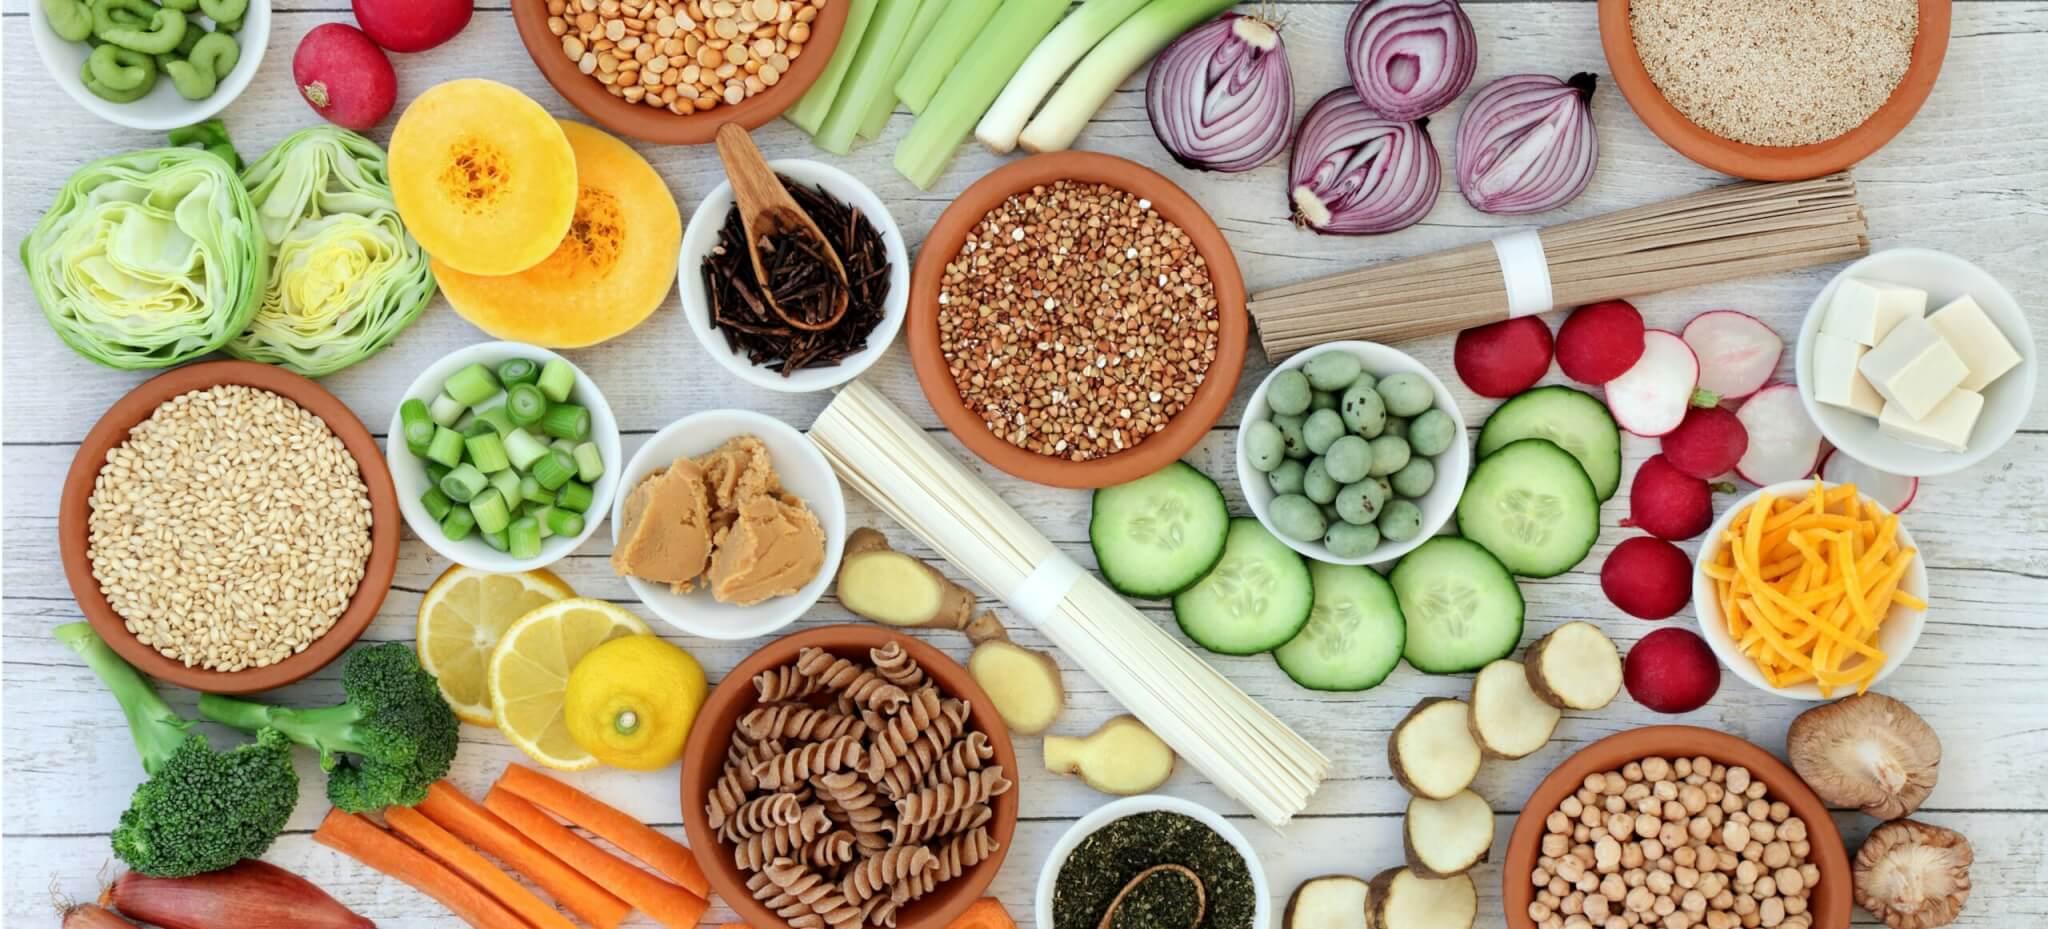 Ein Herz mit einer EKG-Linie aus roten Früchten und rotem Gemüse stehen für eine herzgesunde Ernährung.